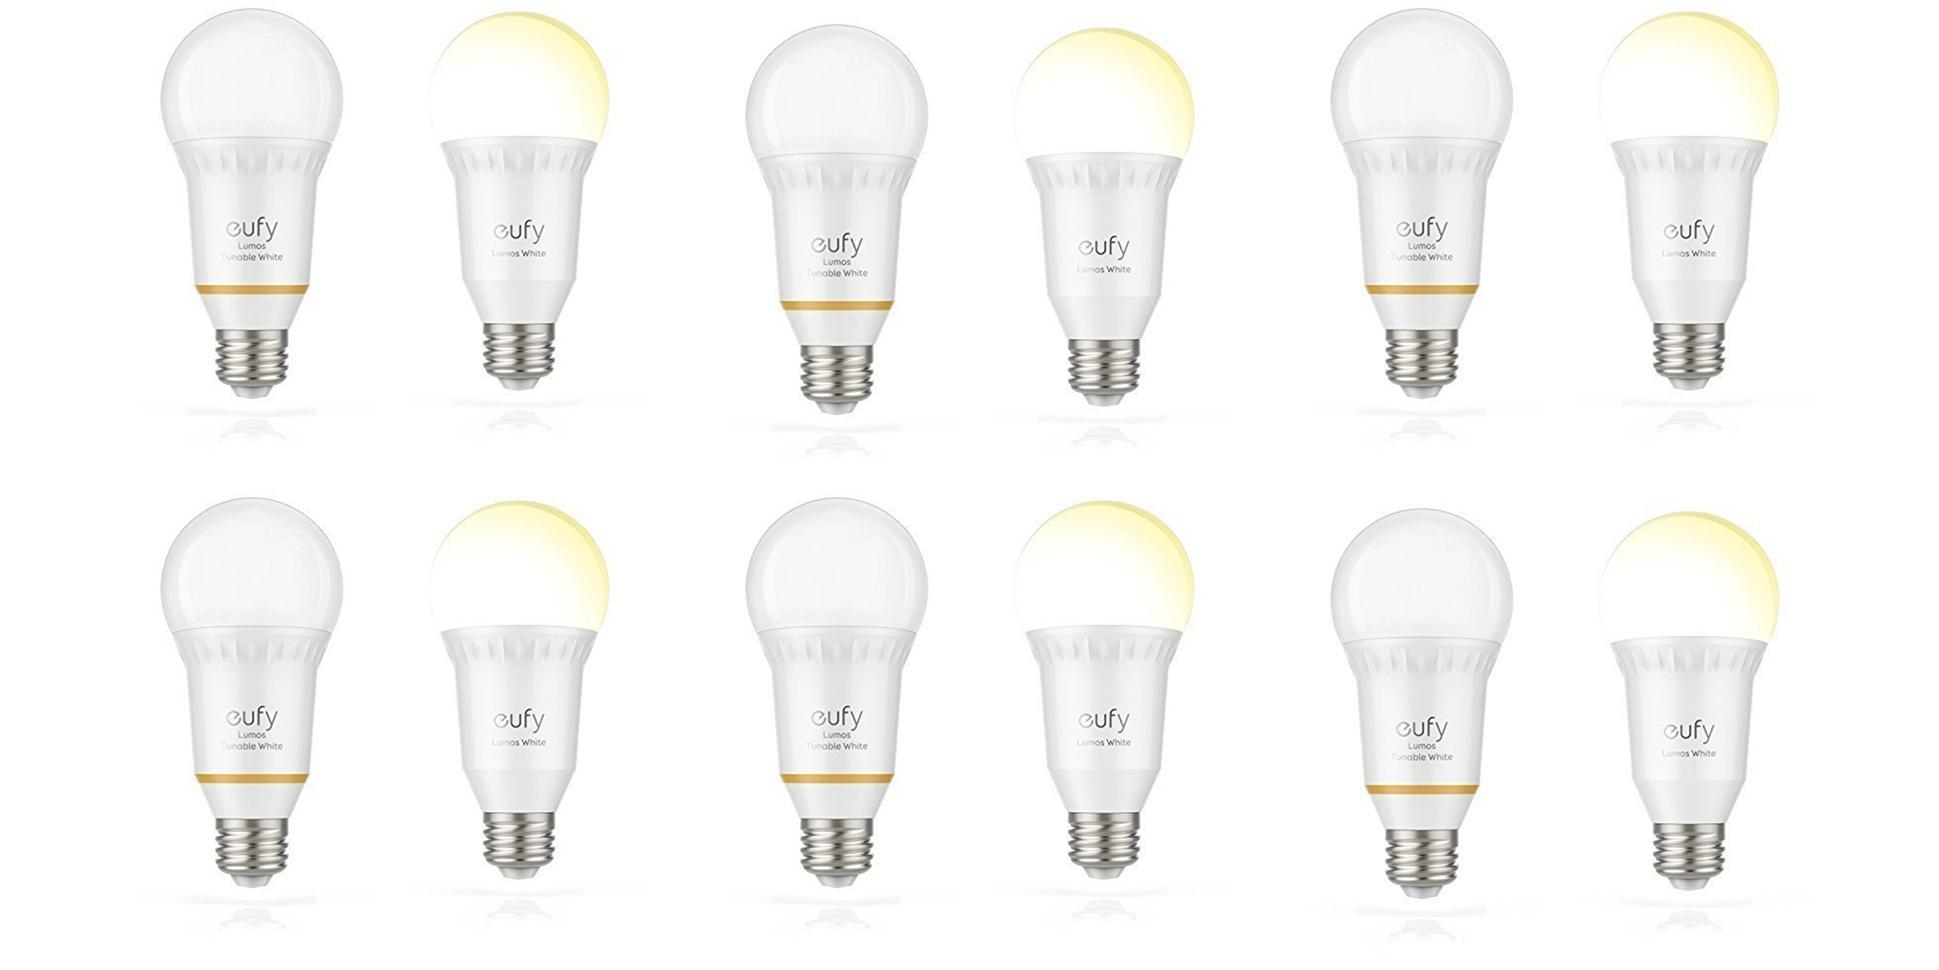 Anker S New Smart Led Light Bulbs On Sale From 17 Prime